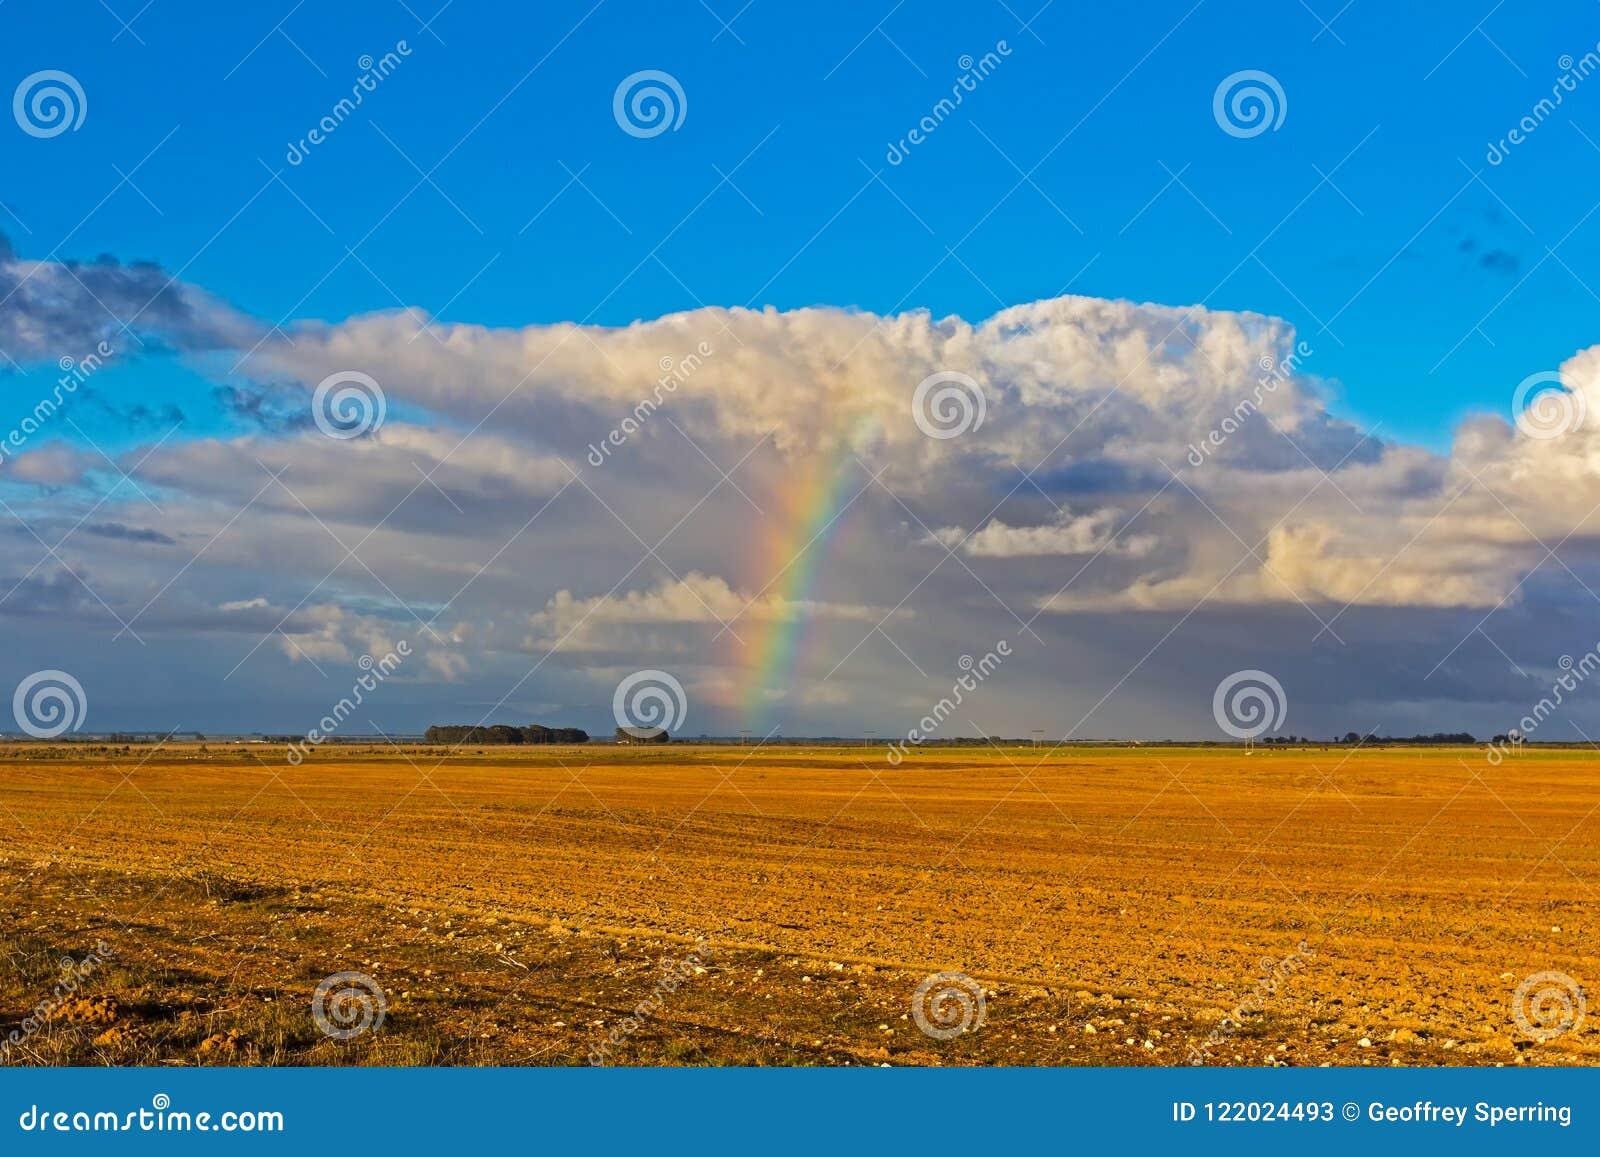 Arco iris y nubes sobre campo arado